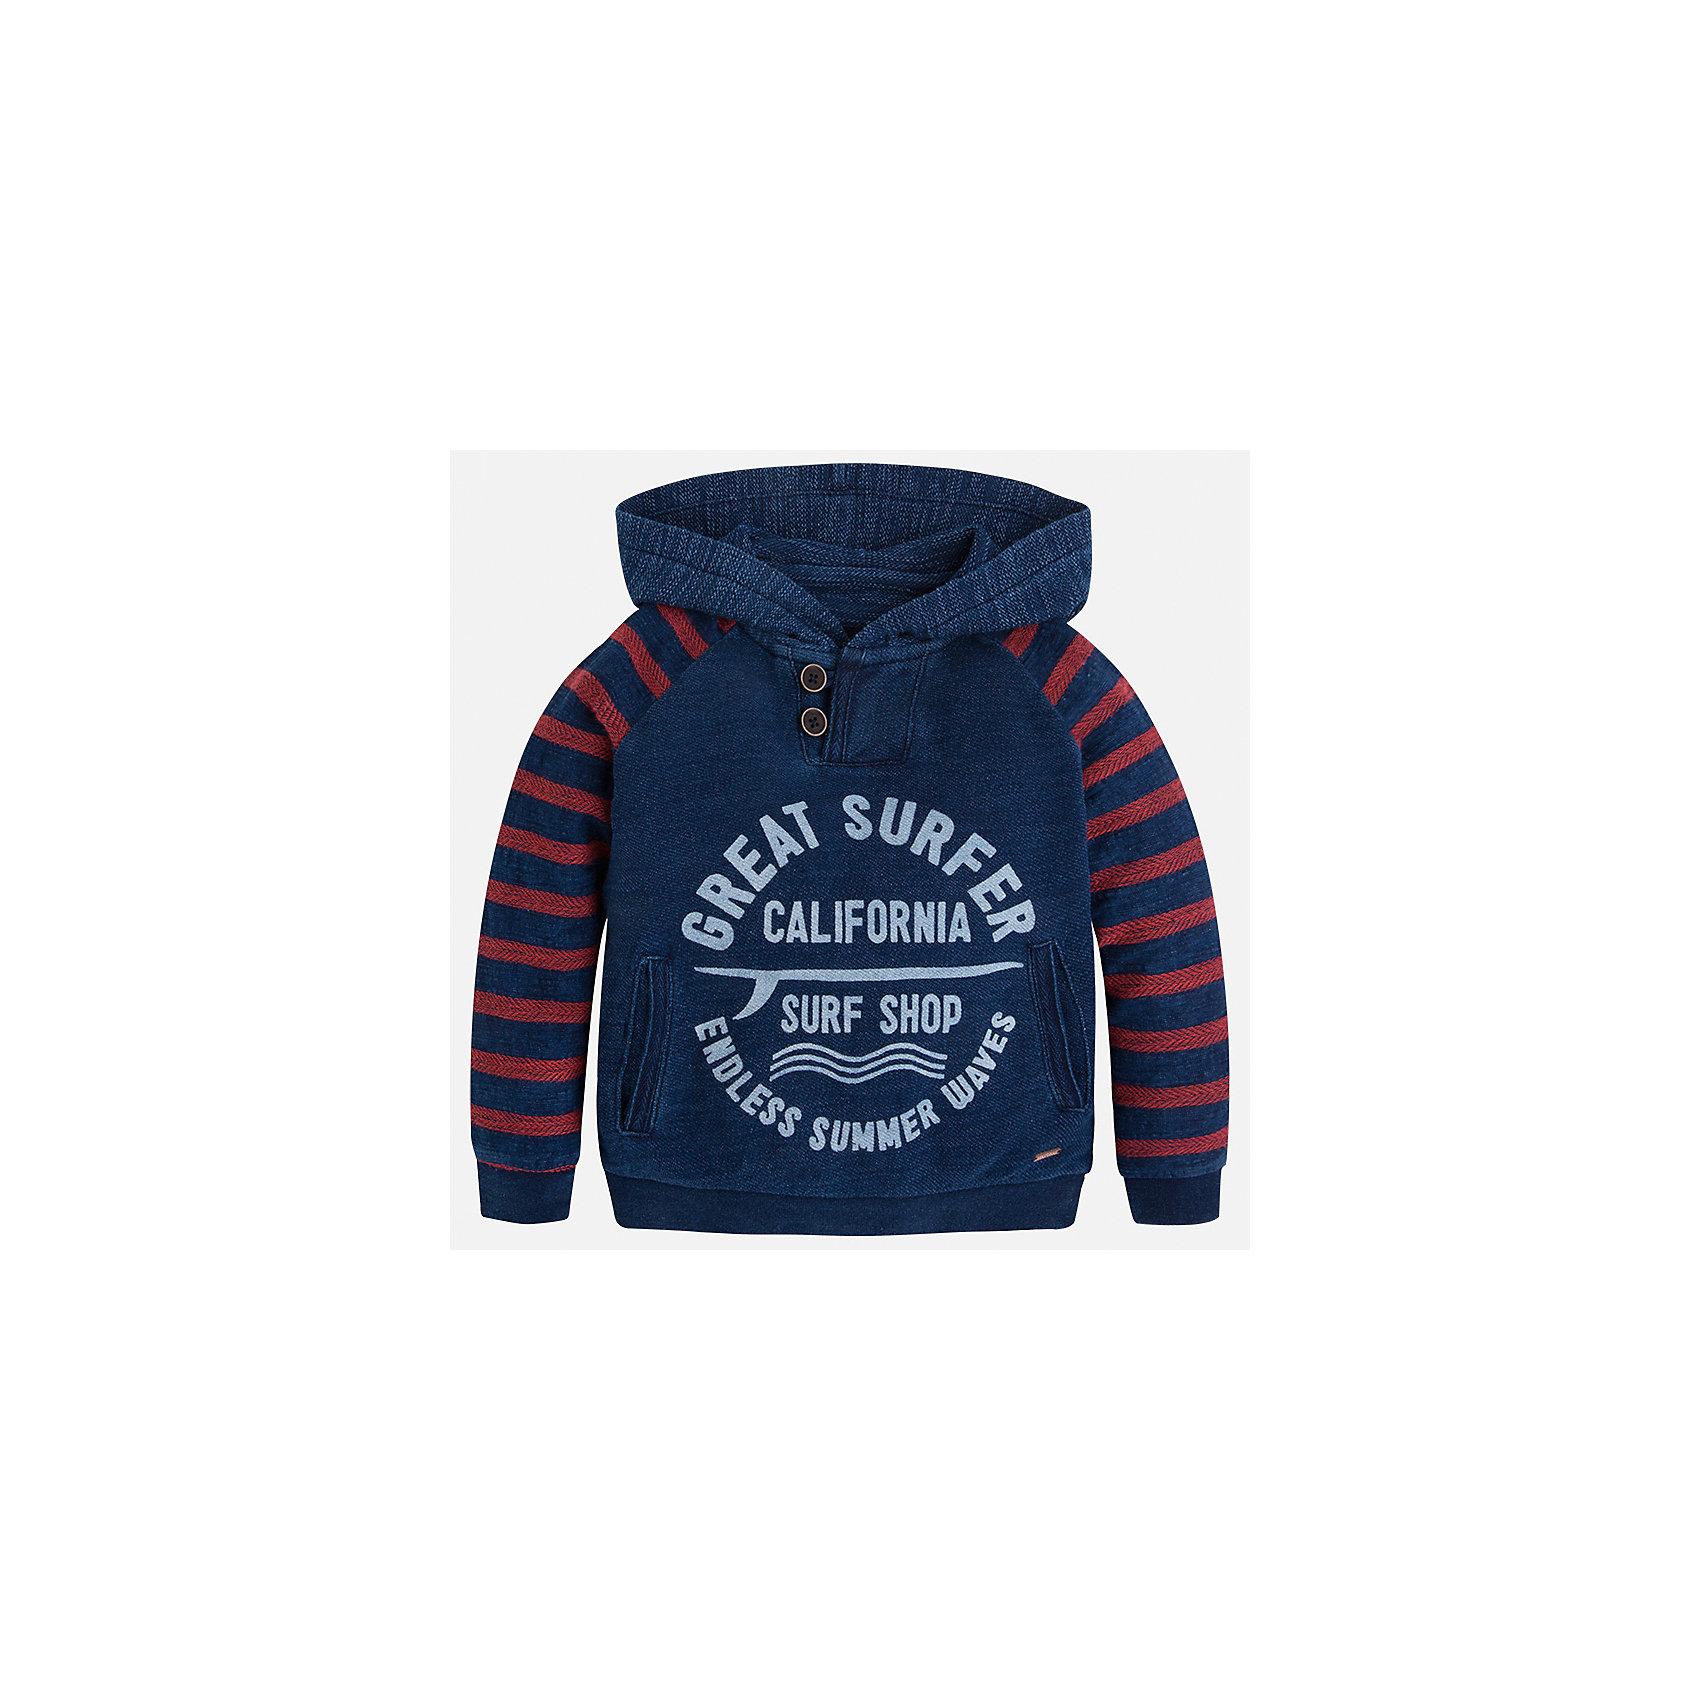 Толстовка для мальчика MayoralЛови волну<br>Характеристики товара:<br><br>• цвет: красный/синий<br>• состав: 74% хлопок, 26% полиэстер<br>• рукава длинные <br>• принт<br>• карманы<br>• капюшон<br>• страна бренда: Испания<br><br>Удобный и красивый свитер для мальчика поможет разнообразить гардероб ребенка и обеспечить тепло. Он отлично сочетается и с джинсами, и с брюками. Универсальный цвет позволяет подобрать к вещи низ различных расцветок. Интересная отделка модели делает её нарядной и оригинальной. В составе материала - натуральный хлопок, гипоаллергенный, приятный на ощупь, дышащий.<br><br>Одежда, обувь и аксессуары от испанского бренда Mayoral полюбились детям и взрослым по всему миру. Модели этой марки - стильные и удобные. Для их производства используются только безопасные, качественные материалы и фурнитура. Порадуйте ребенка модными и красивыми вещами от Mayoral! <br><br>Свитер для мальчика от испанского бренда Mayoral (Майорал) можно купить в нашем интернет-магазине.<br><br>Ширина мм: 190<br>Глубина мм: 74<br>Высота мм: 229<br>Вес г: 236<br>Цвет: синий<br>Возраст от месяцев: 96<br>Возраст до месяцев: 108<br>Пол: Мужской<br>Возраст: Детский<br>Размер: 134,104,128,98,122,116,92,110<br>SKU: 5272828